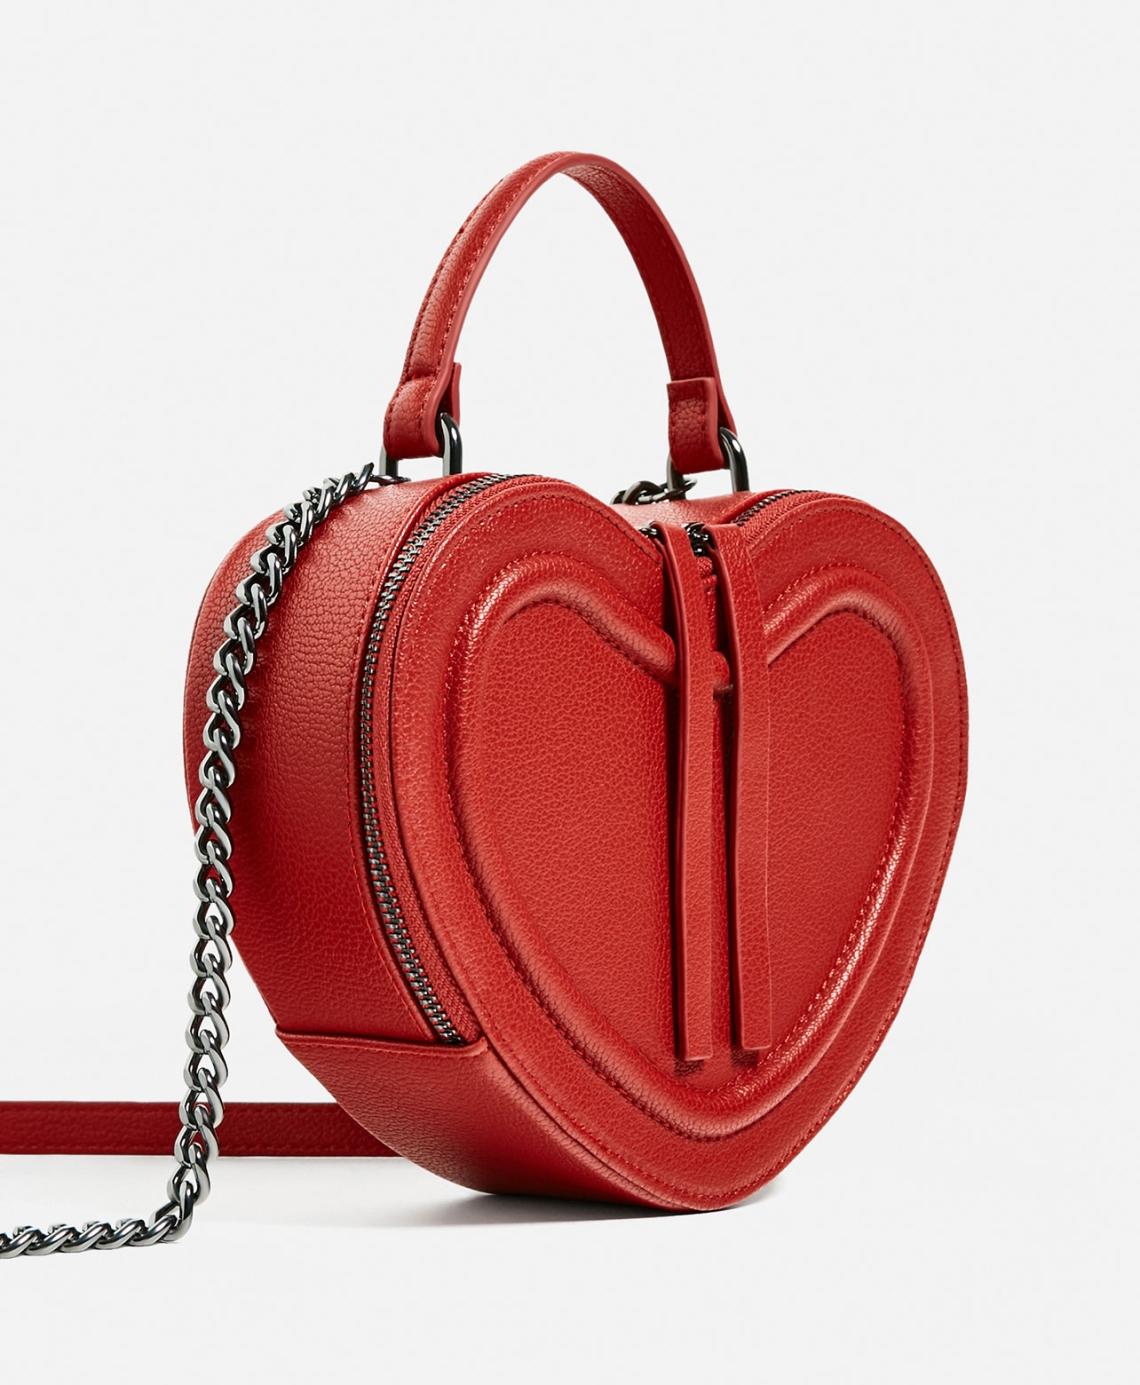 zara-heart-bag-1